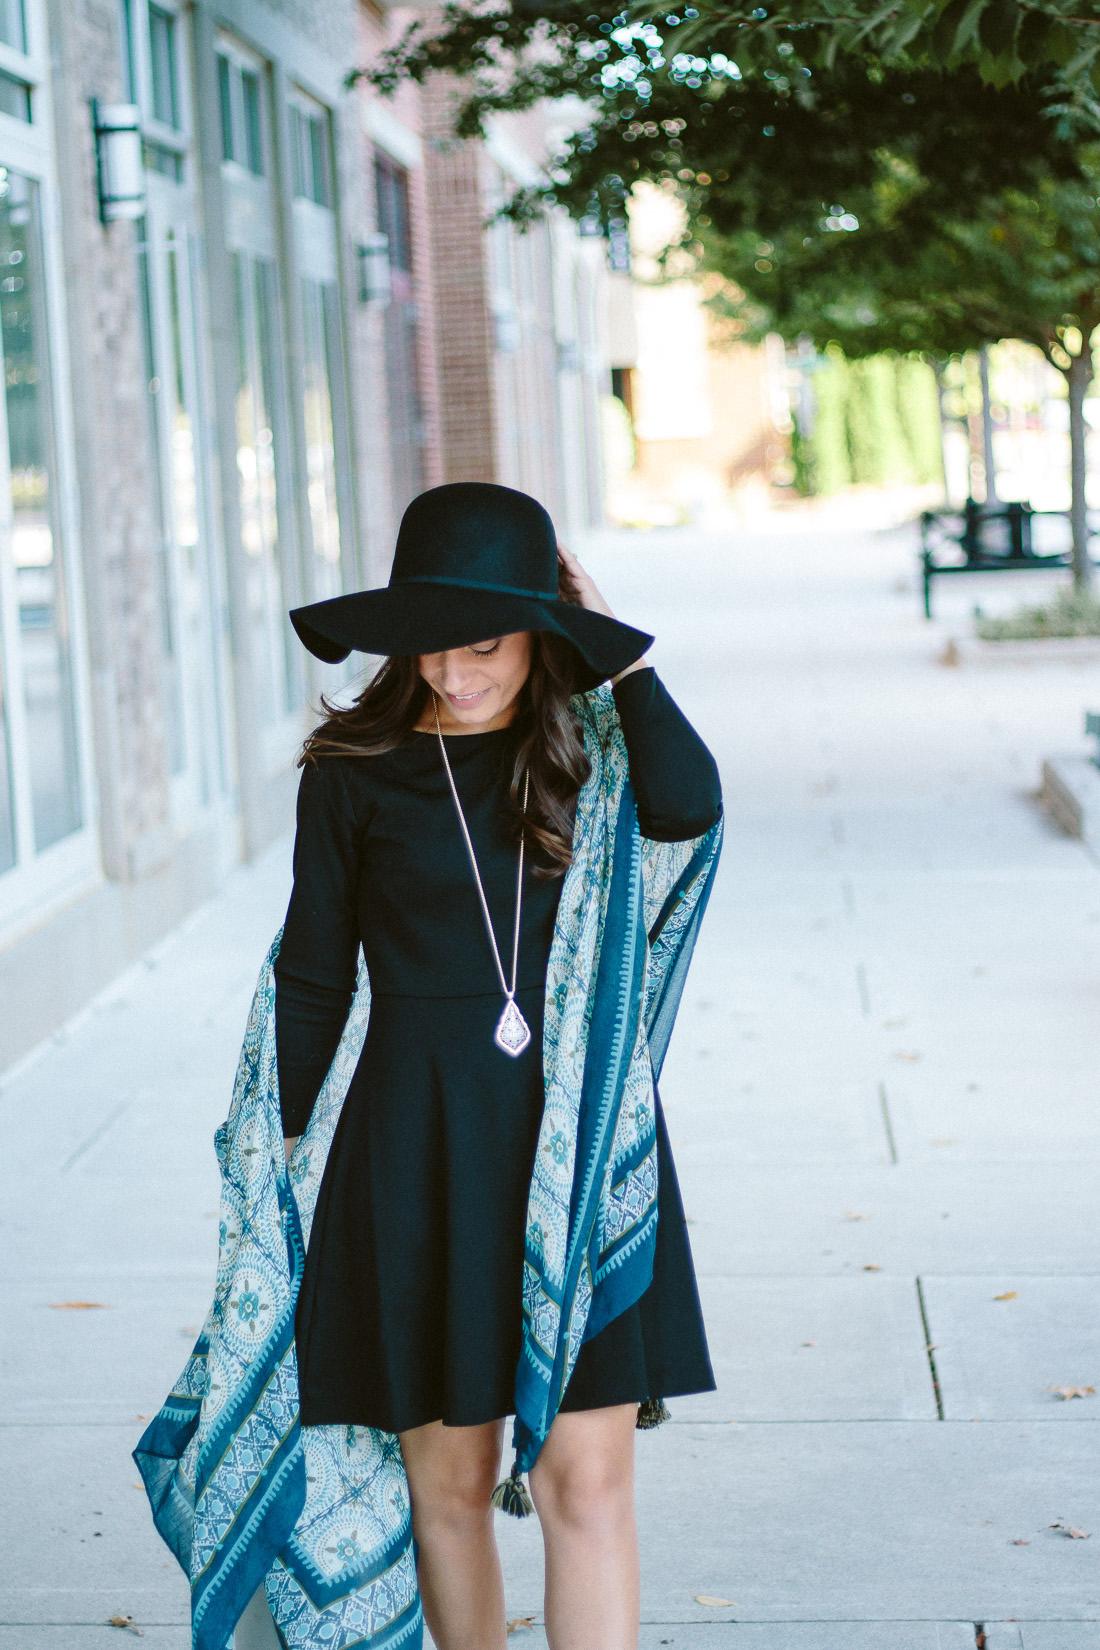 Floppy Hat and Kimonon - Fall Fashion